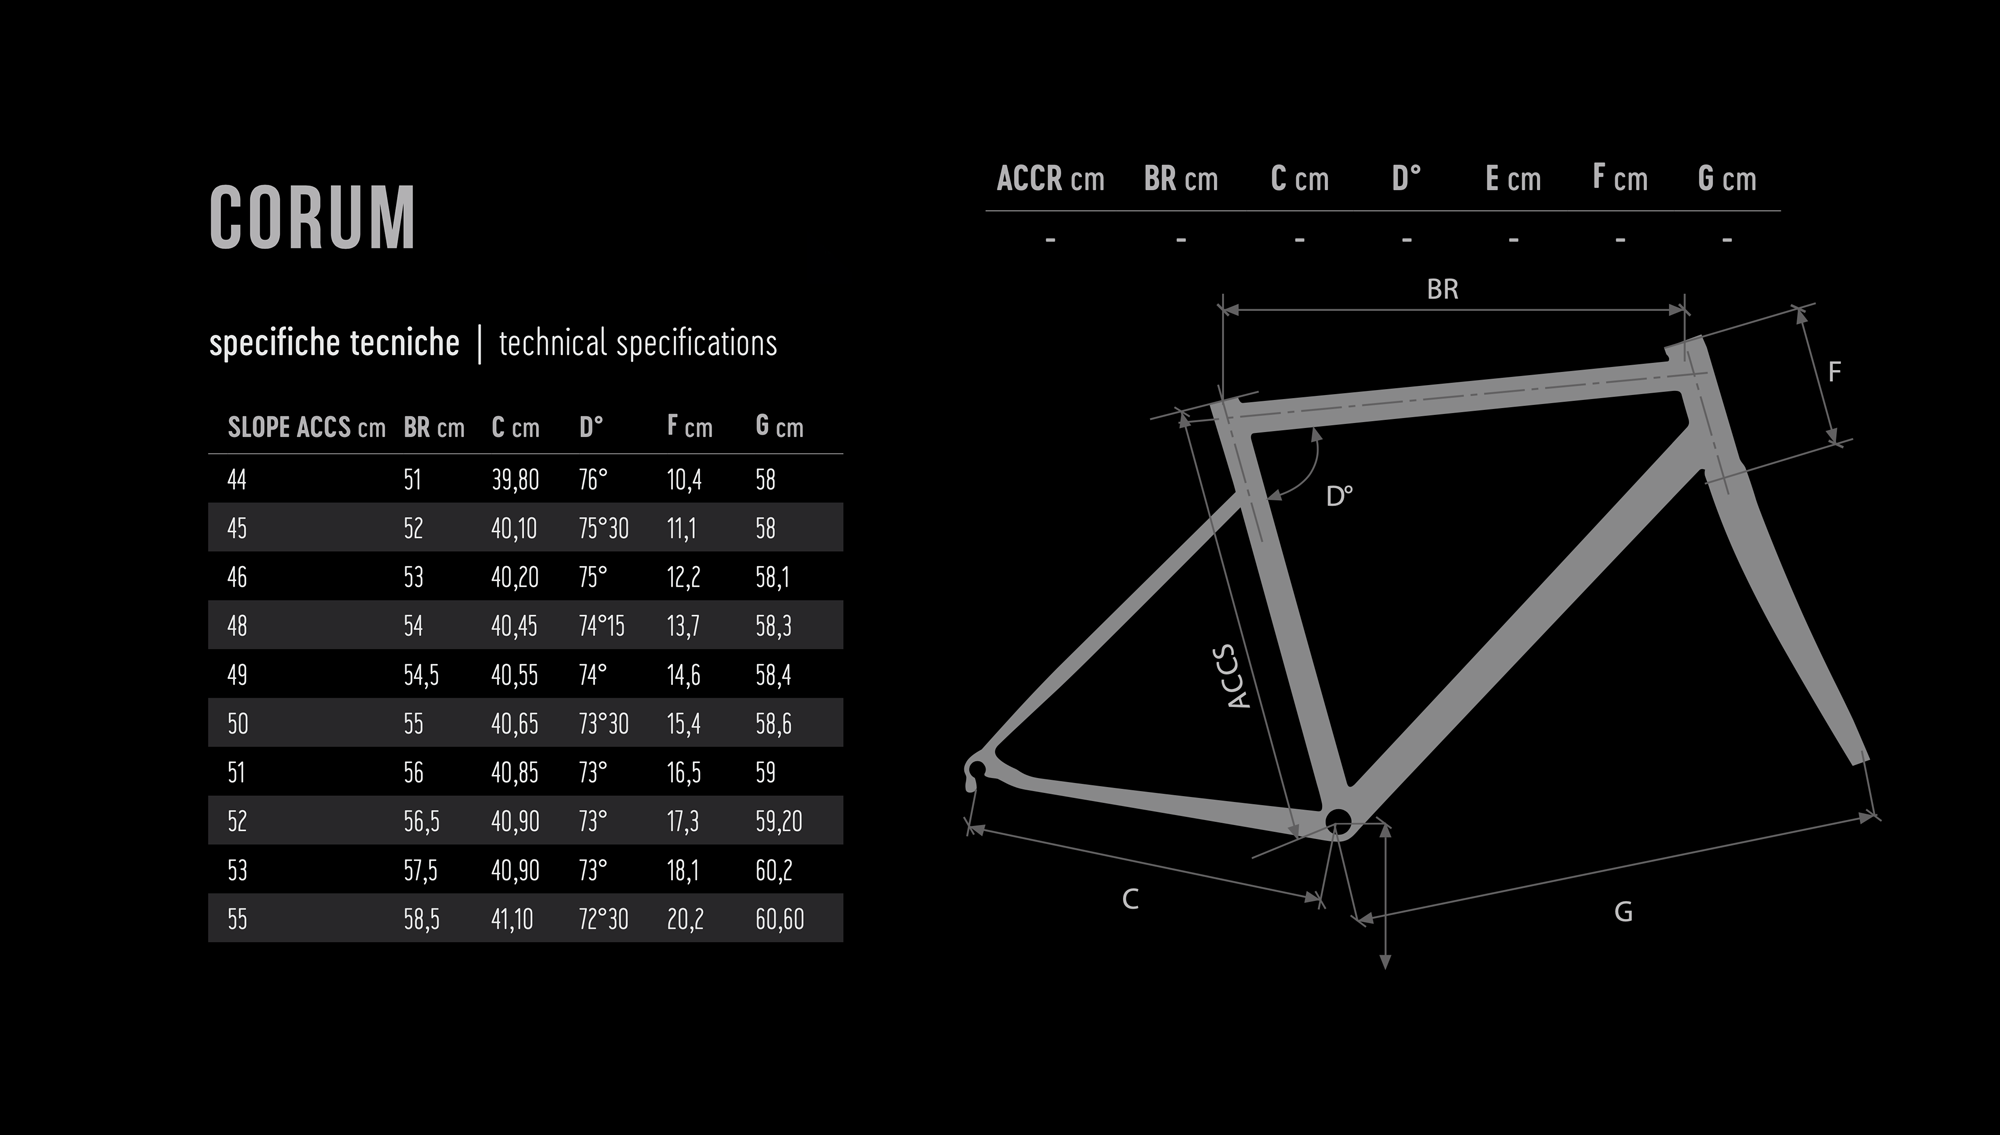 corum-geometrie